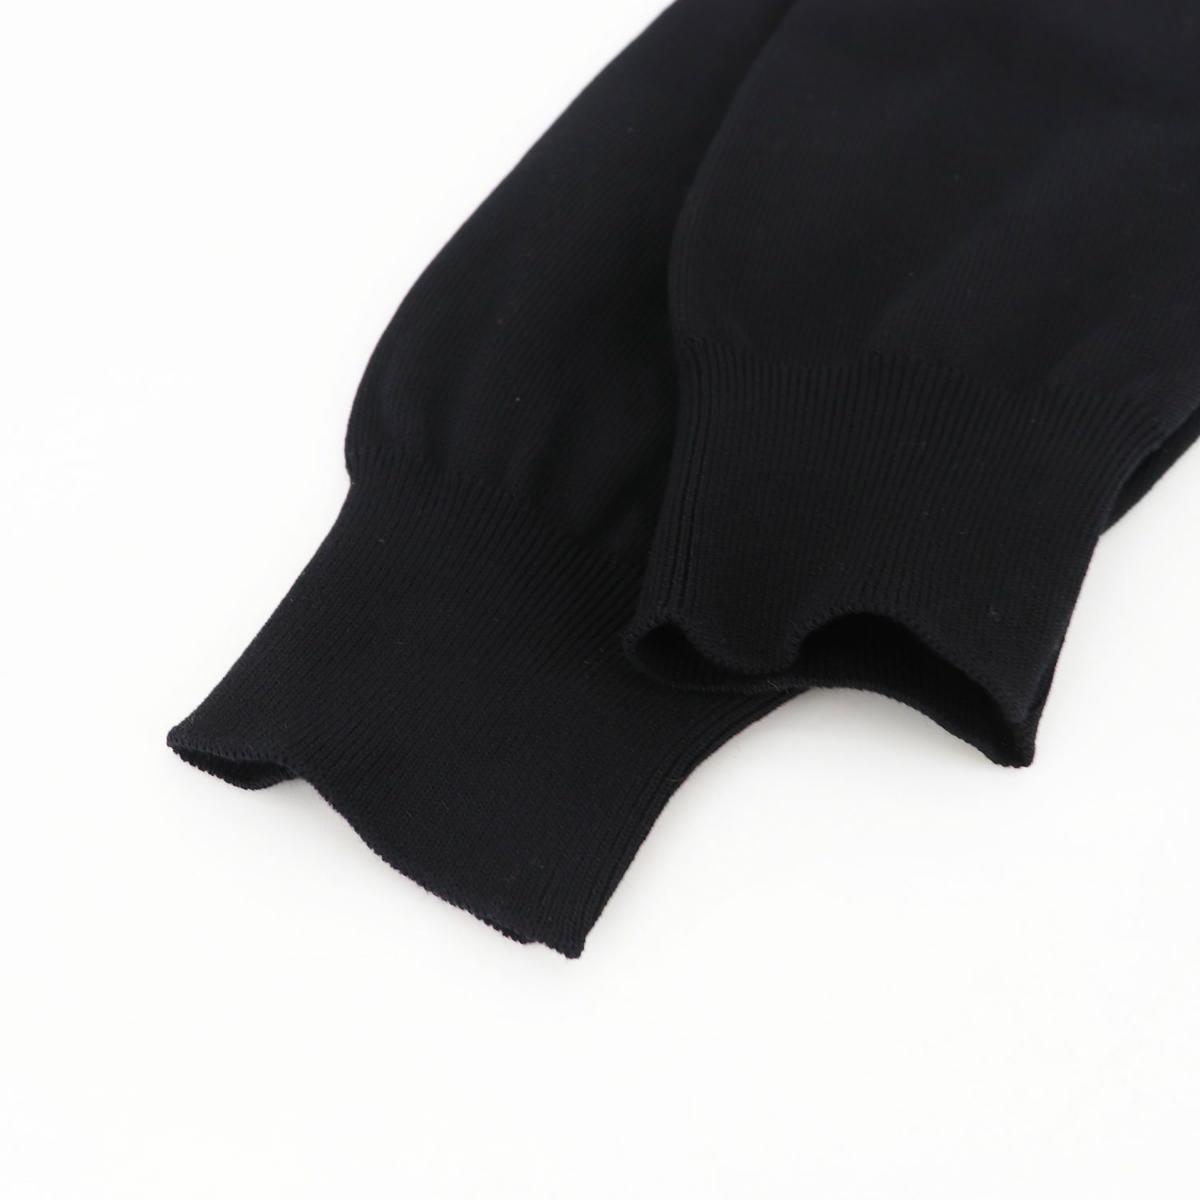 フィリッポ デ ローレンティス FILIPPO DE LAURENTIIS メンズ クレープコットン ハイゲージ サマーニットカーディガン 1110-CB11ML06 FDL 0990(ブラック) 春夏新作